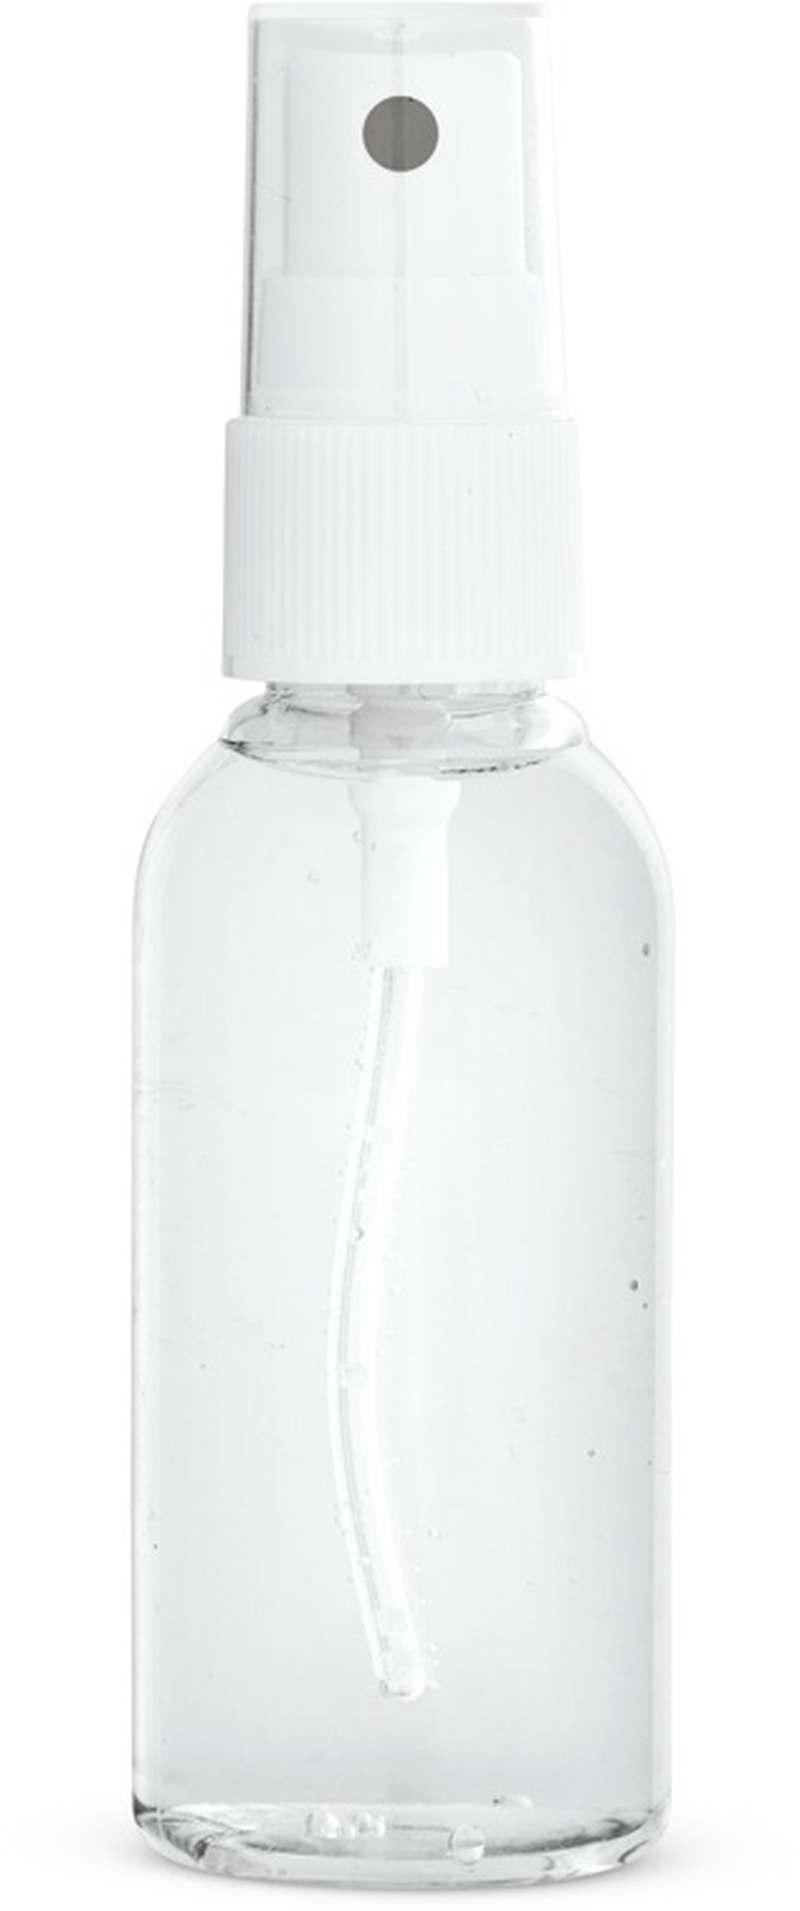 HEALLY 50. Dezinfekční sprej 50 ml